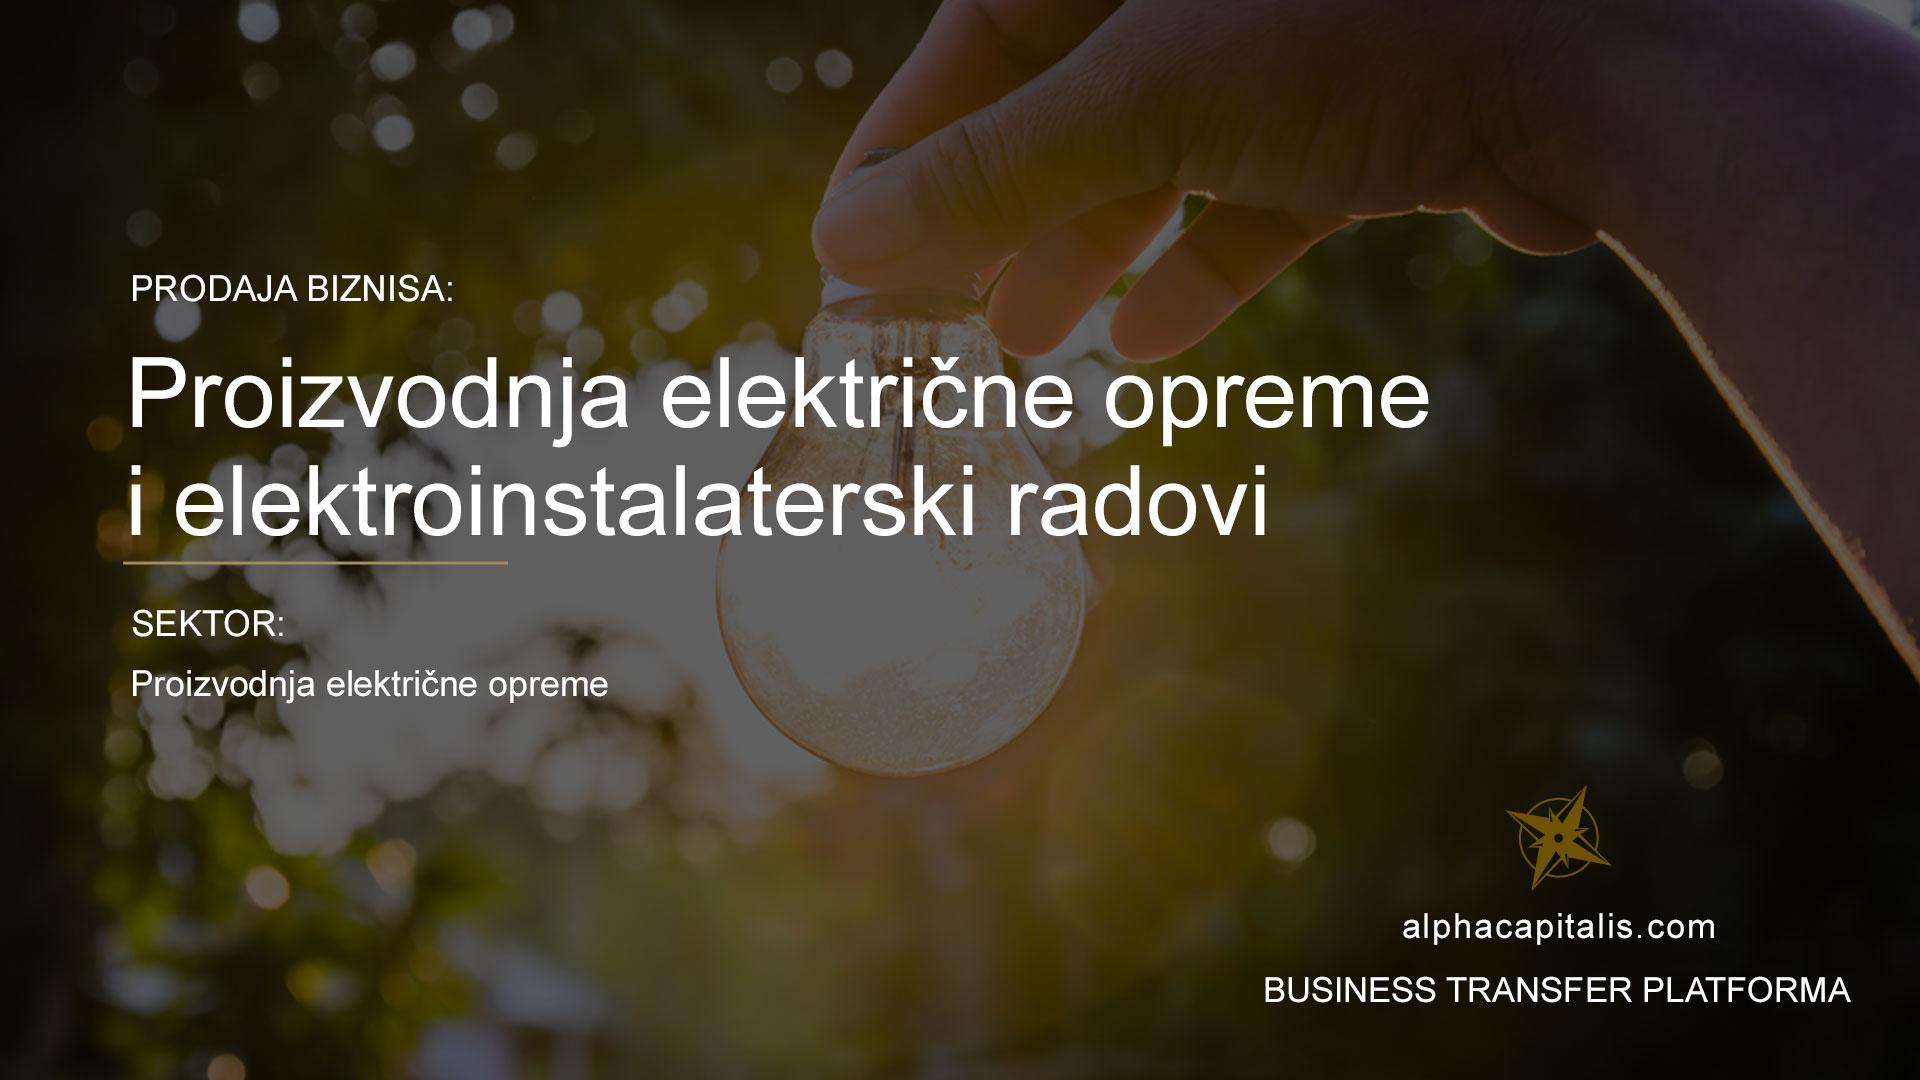 alpha-capitalis-business-transfer-platforma-prodaja-električna-rasvjeta